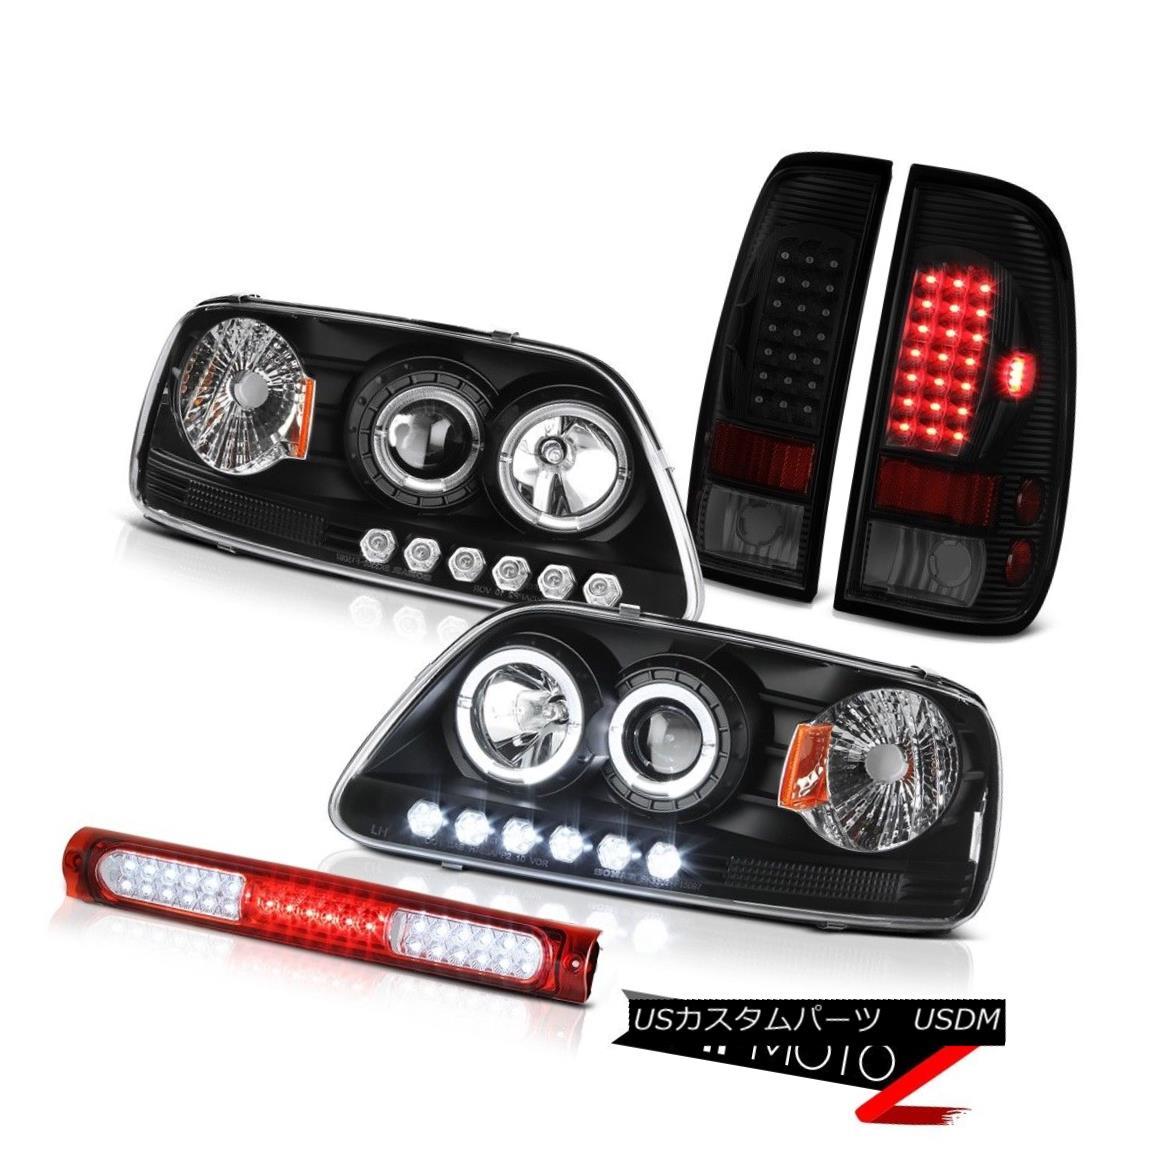 ヘッドライト 97-03 F150 Xl Red High Stop Lamp Sinister Black Rear Brake Lights Headlights 97-03 F150 X1レッドハイストップランプシニスターブラックリアブレーキライトヘッドライト